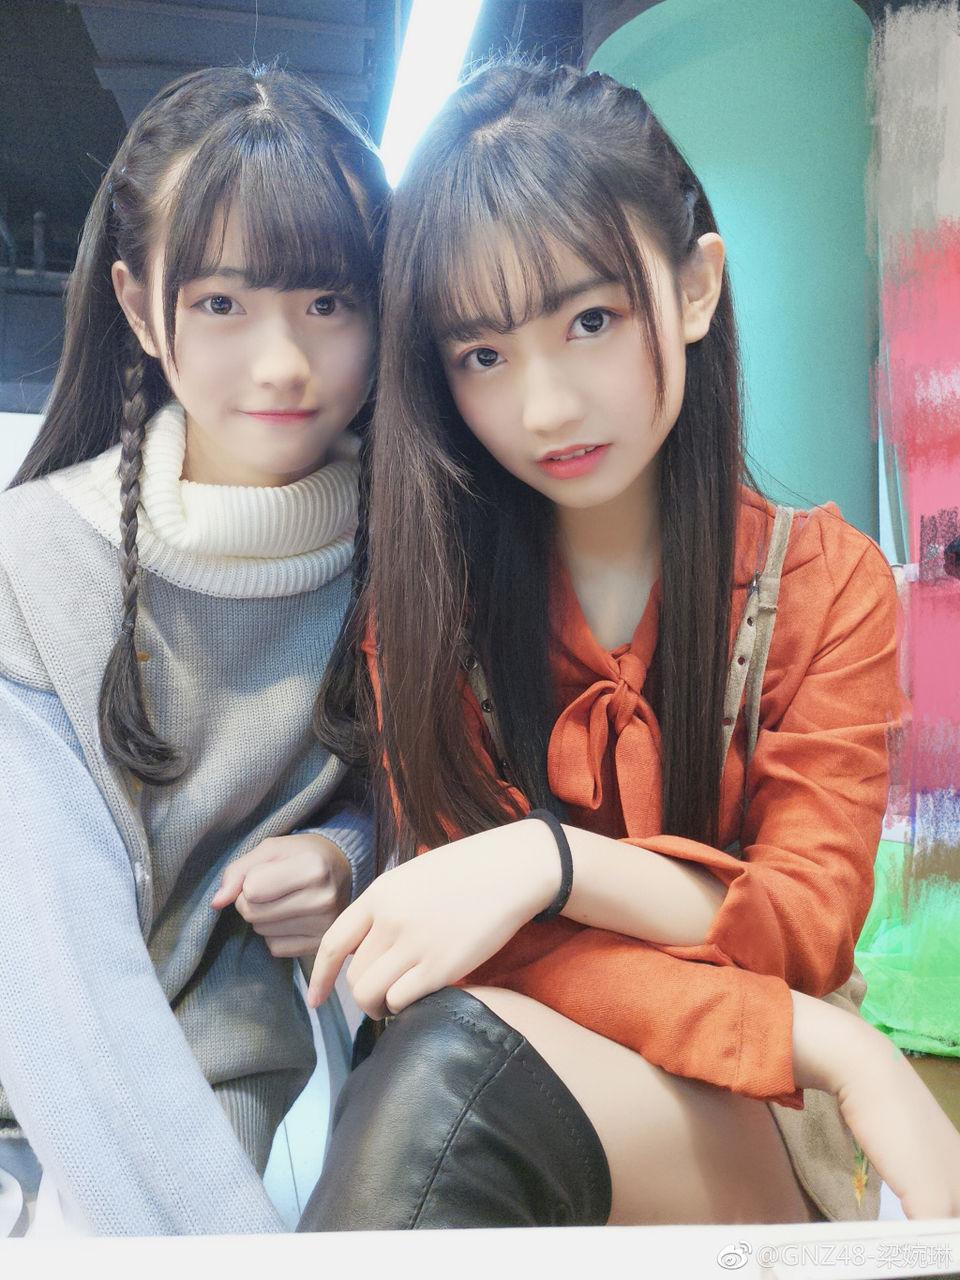 最近の中国アイドルが可愛すぎる件wwwwwwwwwwwwwwwwwwwwwwwwwwwwwwwwww